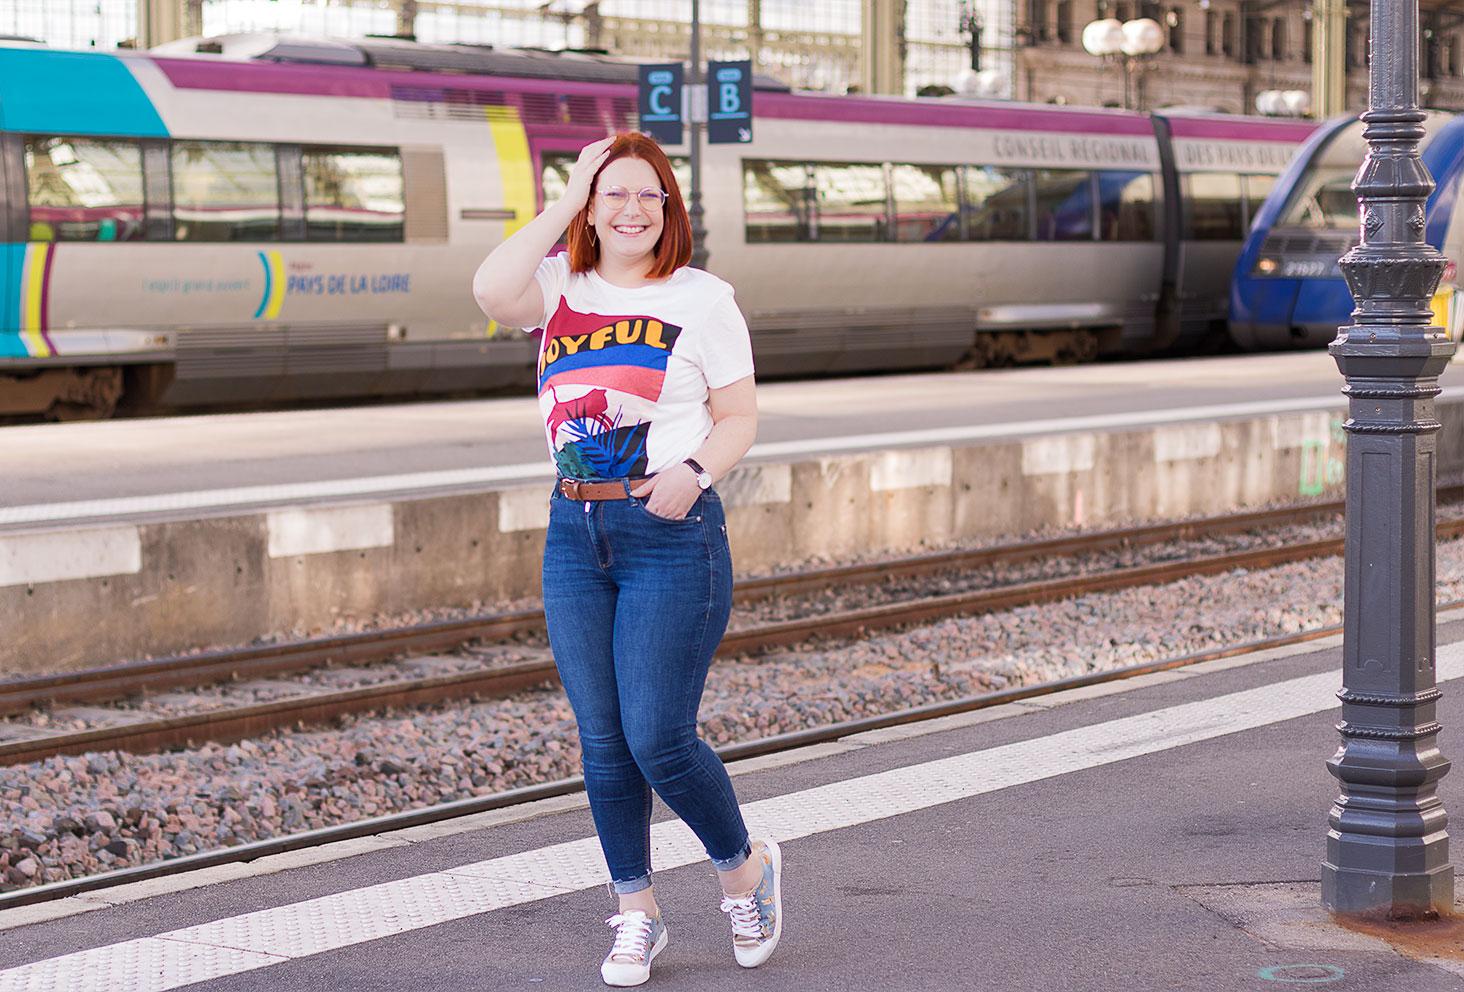 En jean bleu et t-shirt Joyful loose, sur le quai de la gare, une main sur la tête de profil